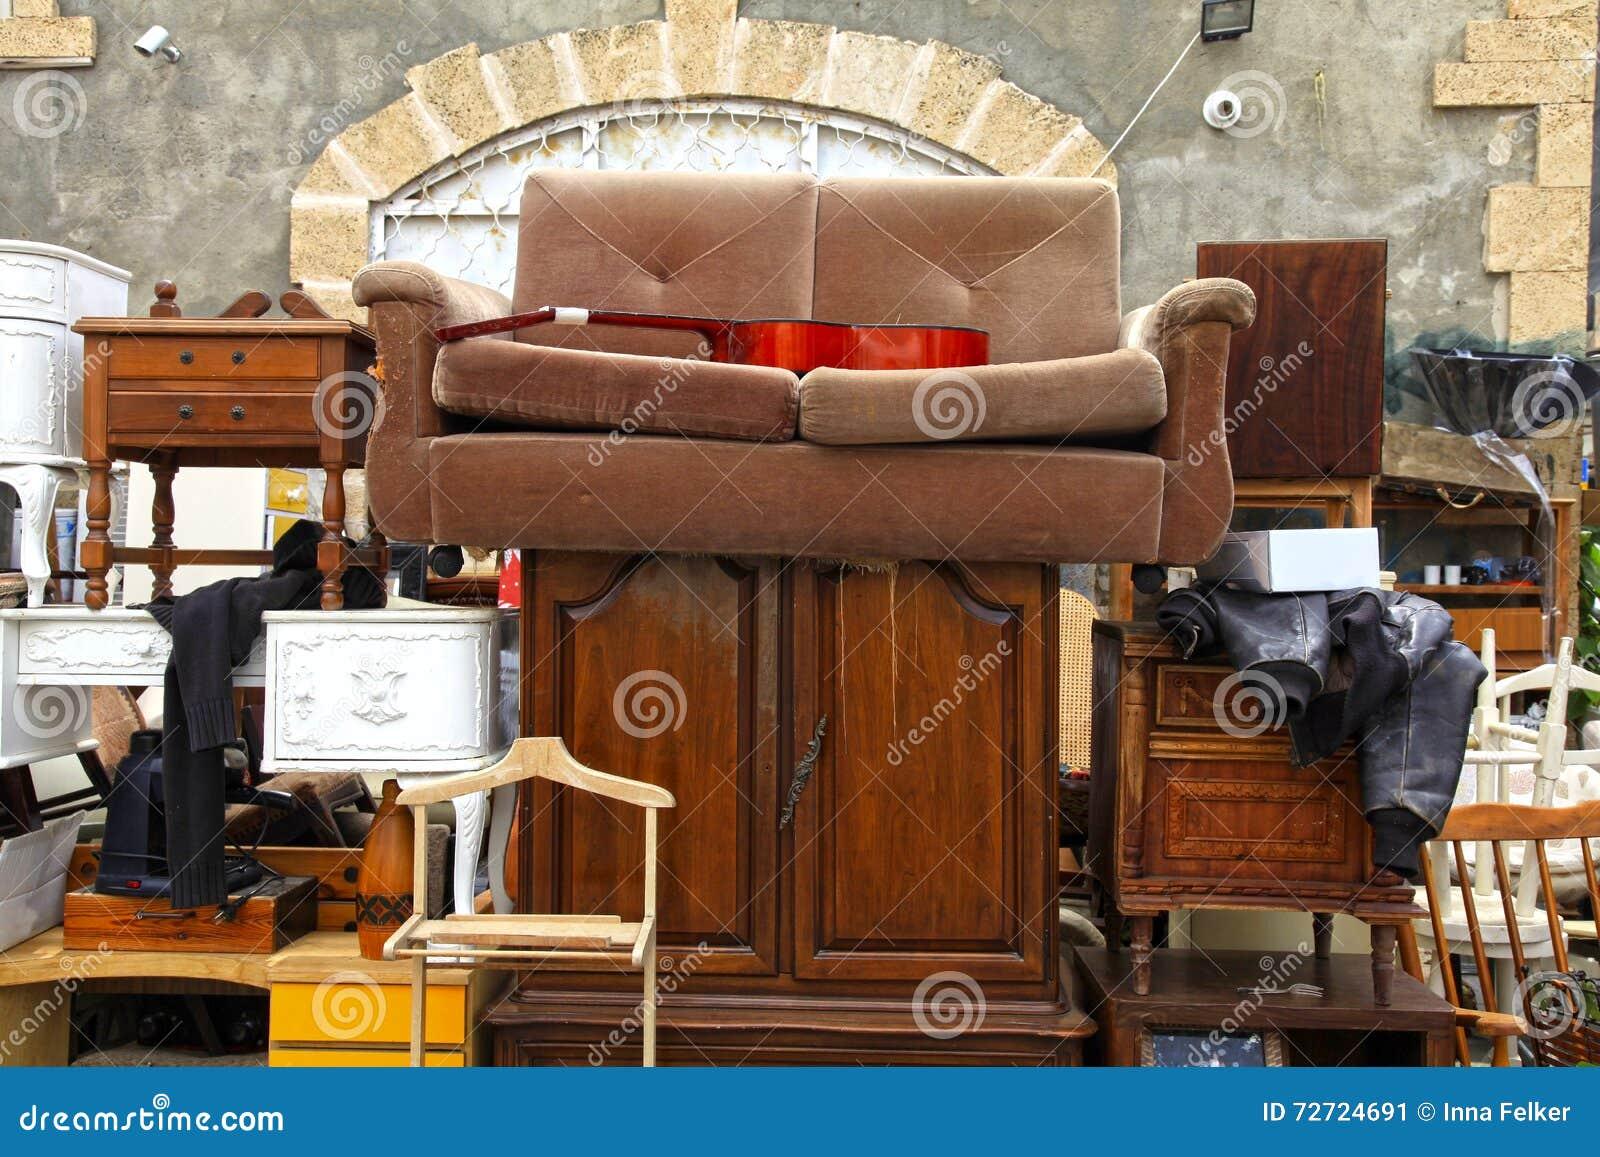 Los Muebles Viejos Y El Otro Personal En El Mercado De Pulgas De  # Muebles Viejos Gratis